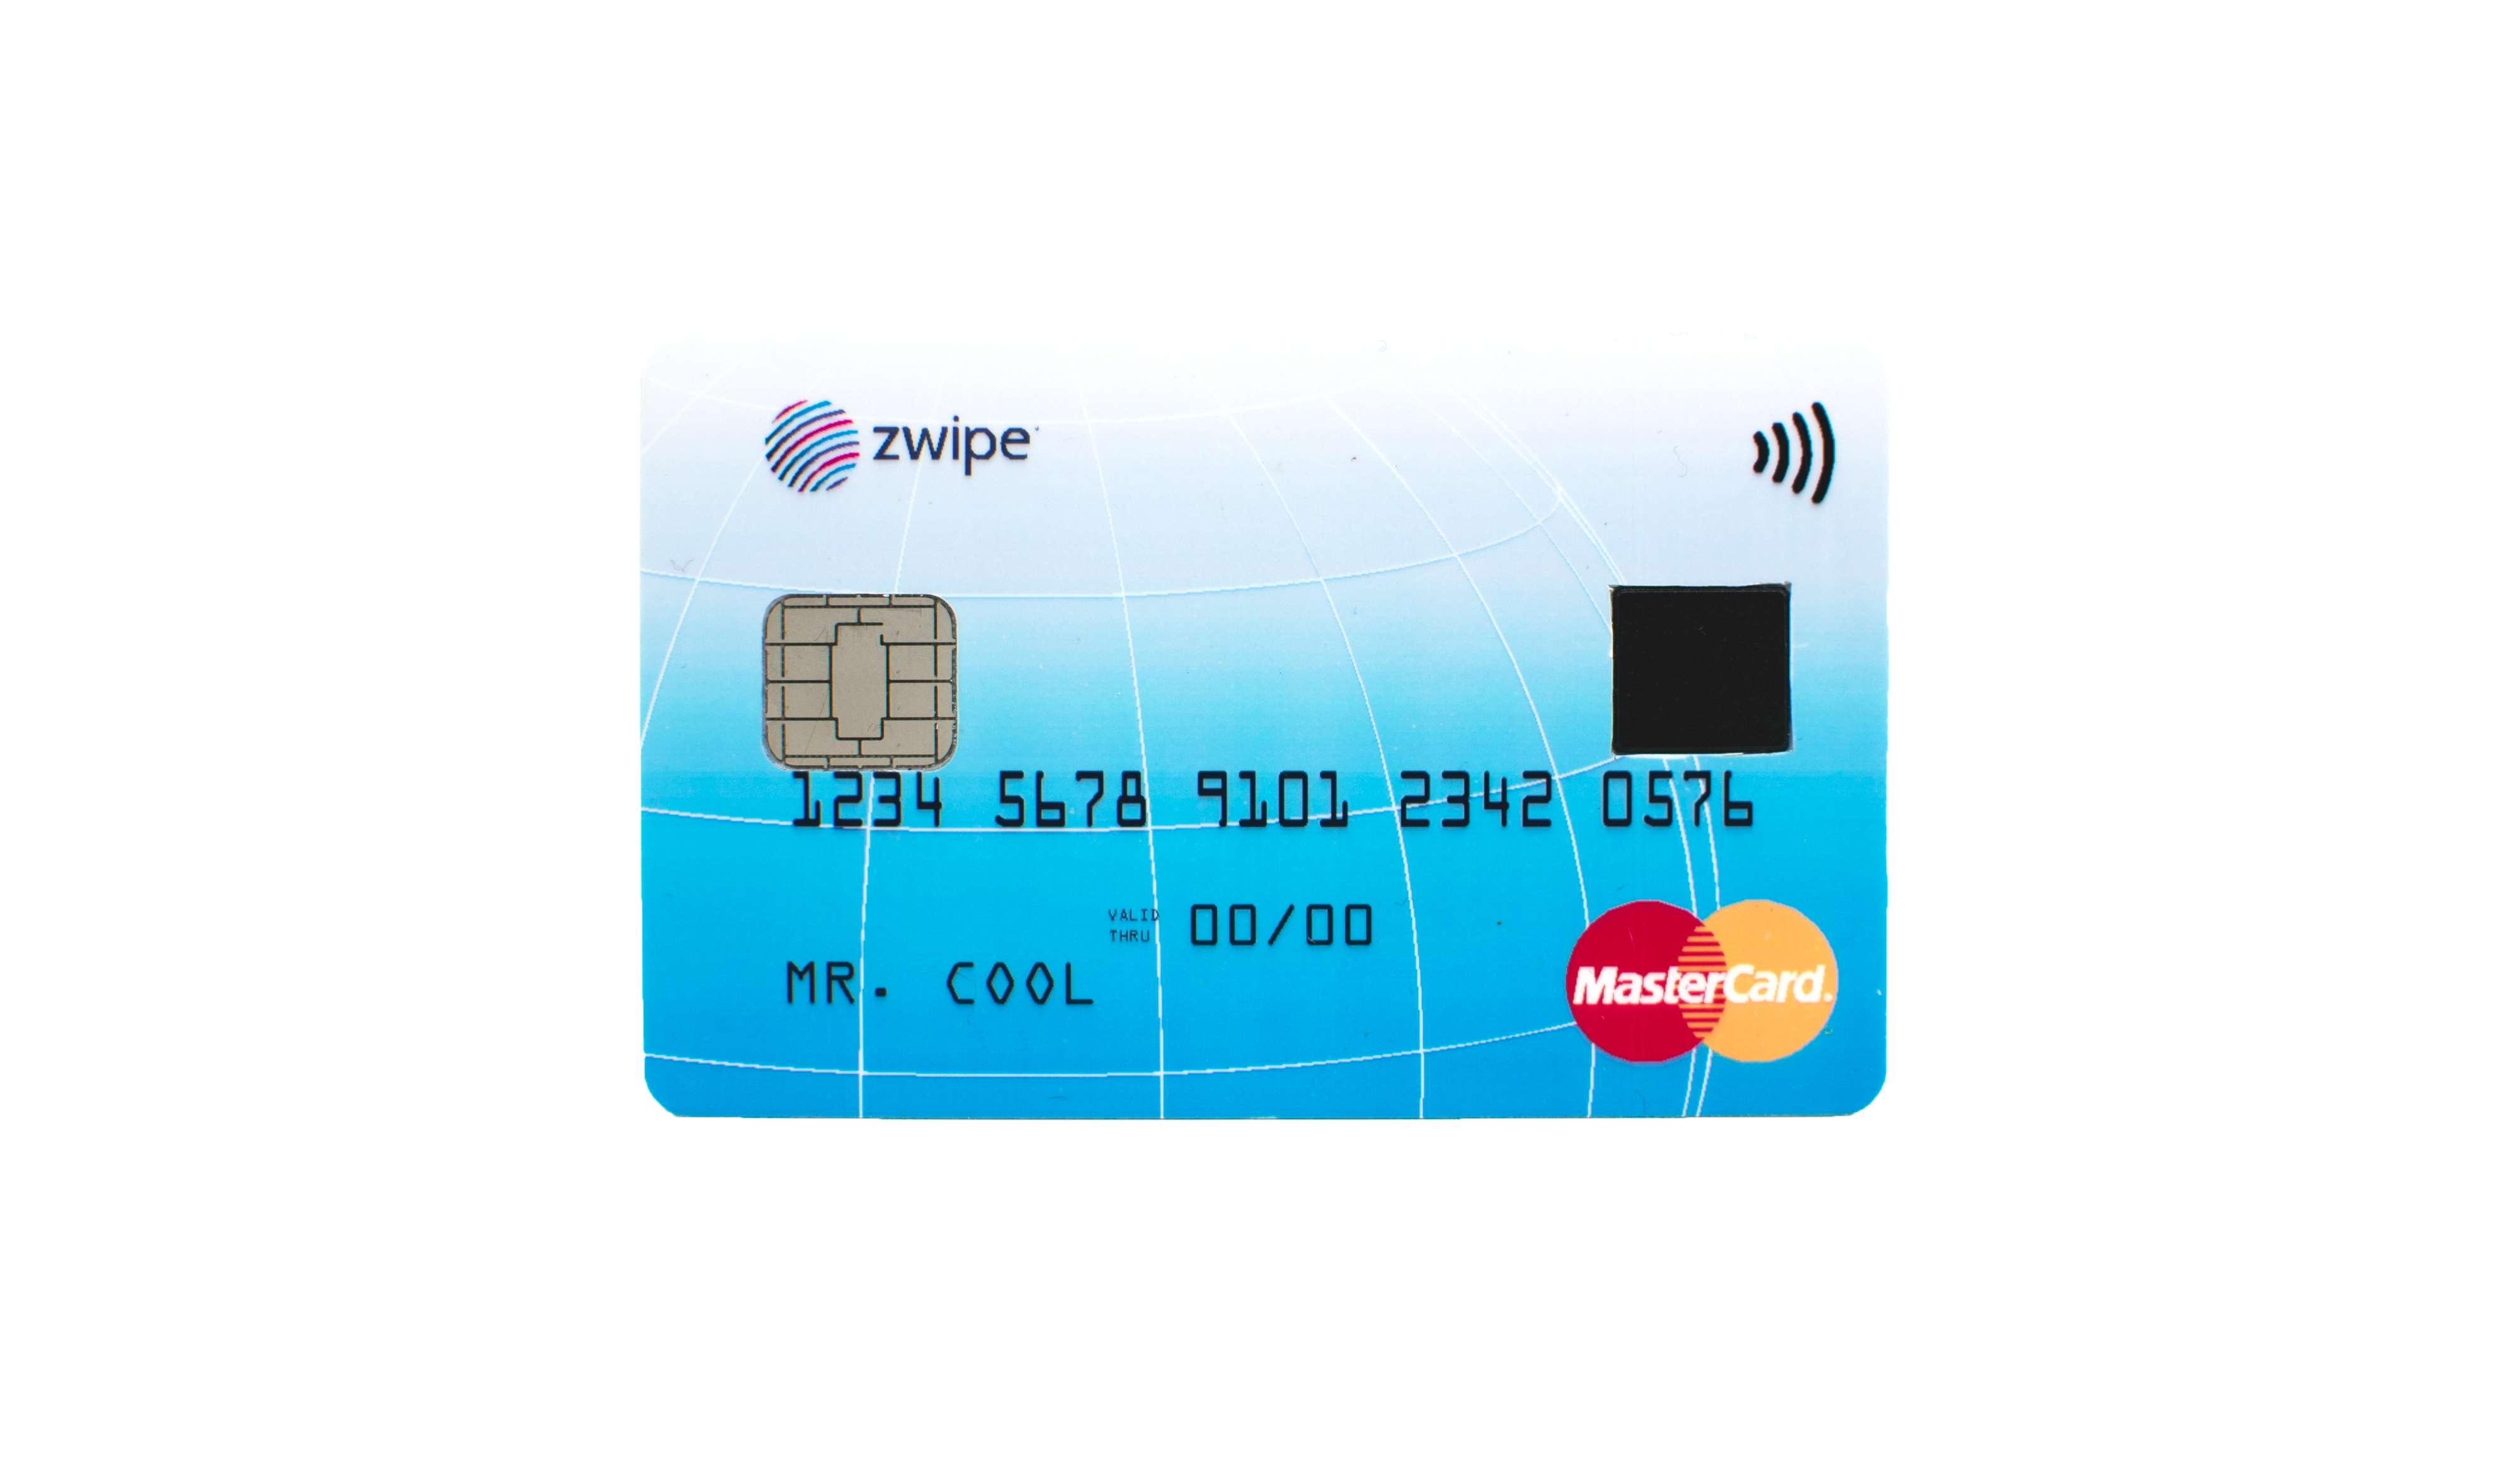 La autenticación biométrica sustituye así al PIN y permite al usuario realizar pagos de cualquier importe, a diferencia del resto de tarjetas contactless que existen actualmente en el mercado. Foto: Mastercard